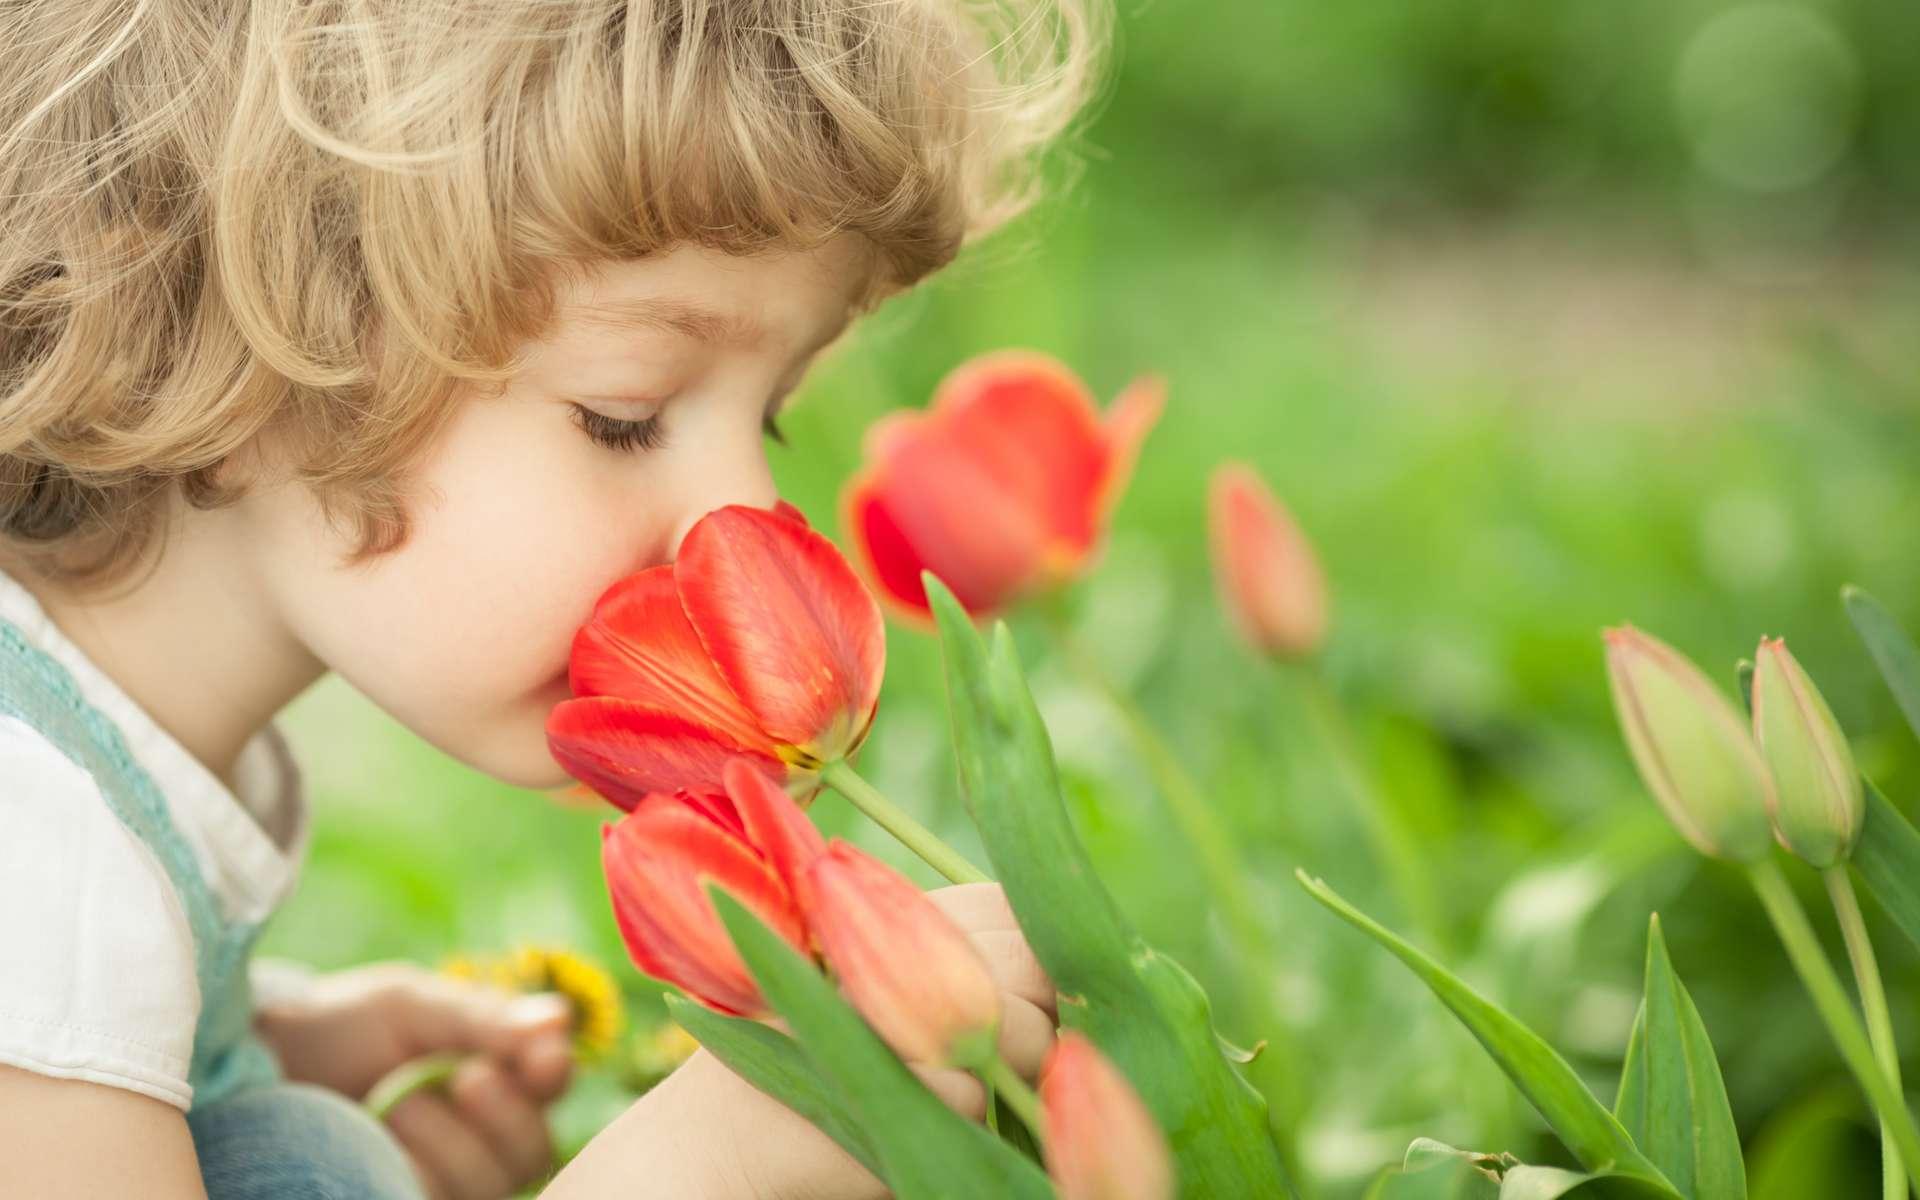 L'odorat est un sens développé chez de nombreuses espèces. © Sunny studio, Adobe Stock